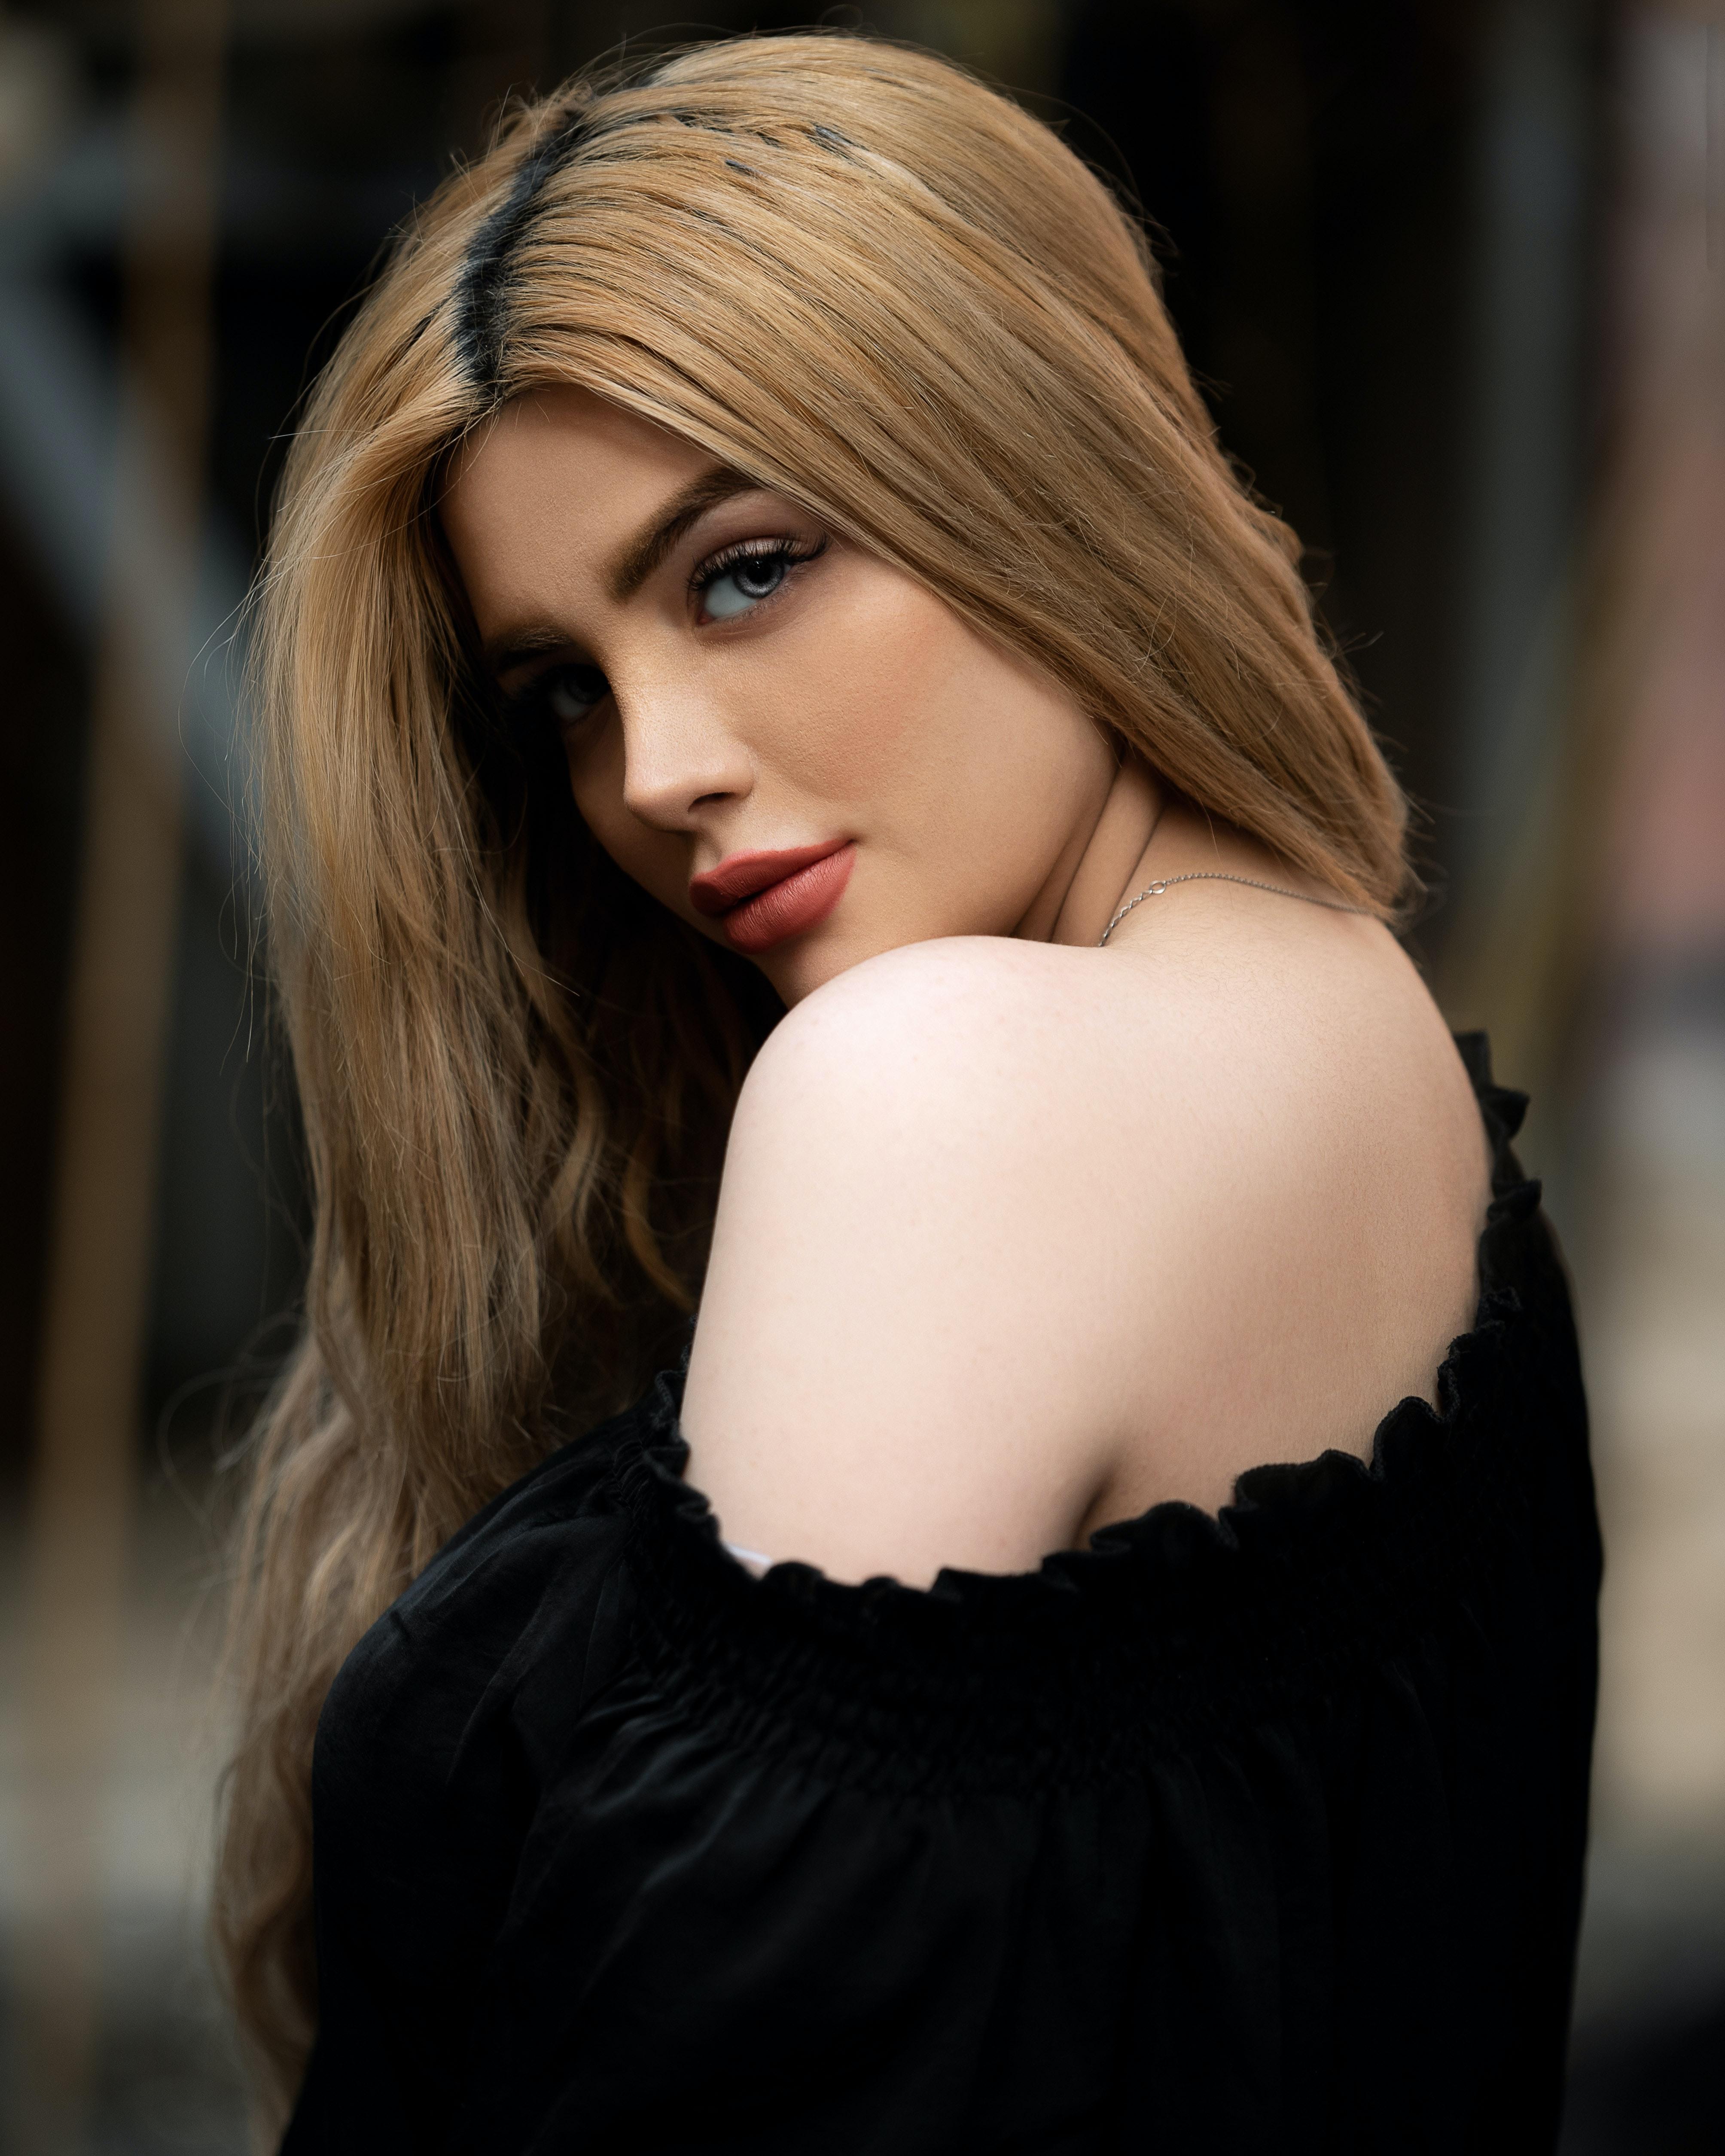 majid-akbari-eljc69SQKC4-unsplash